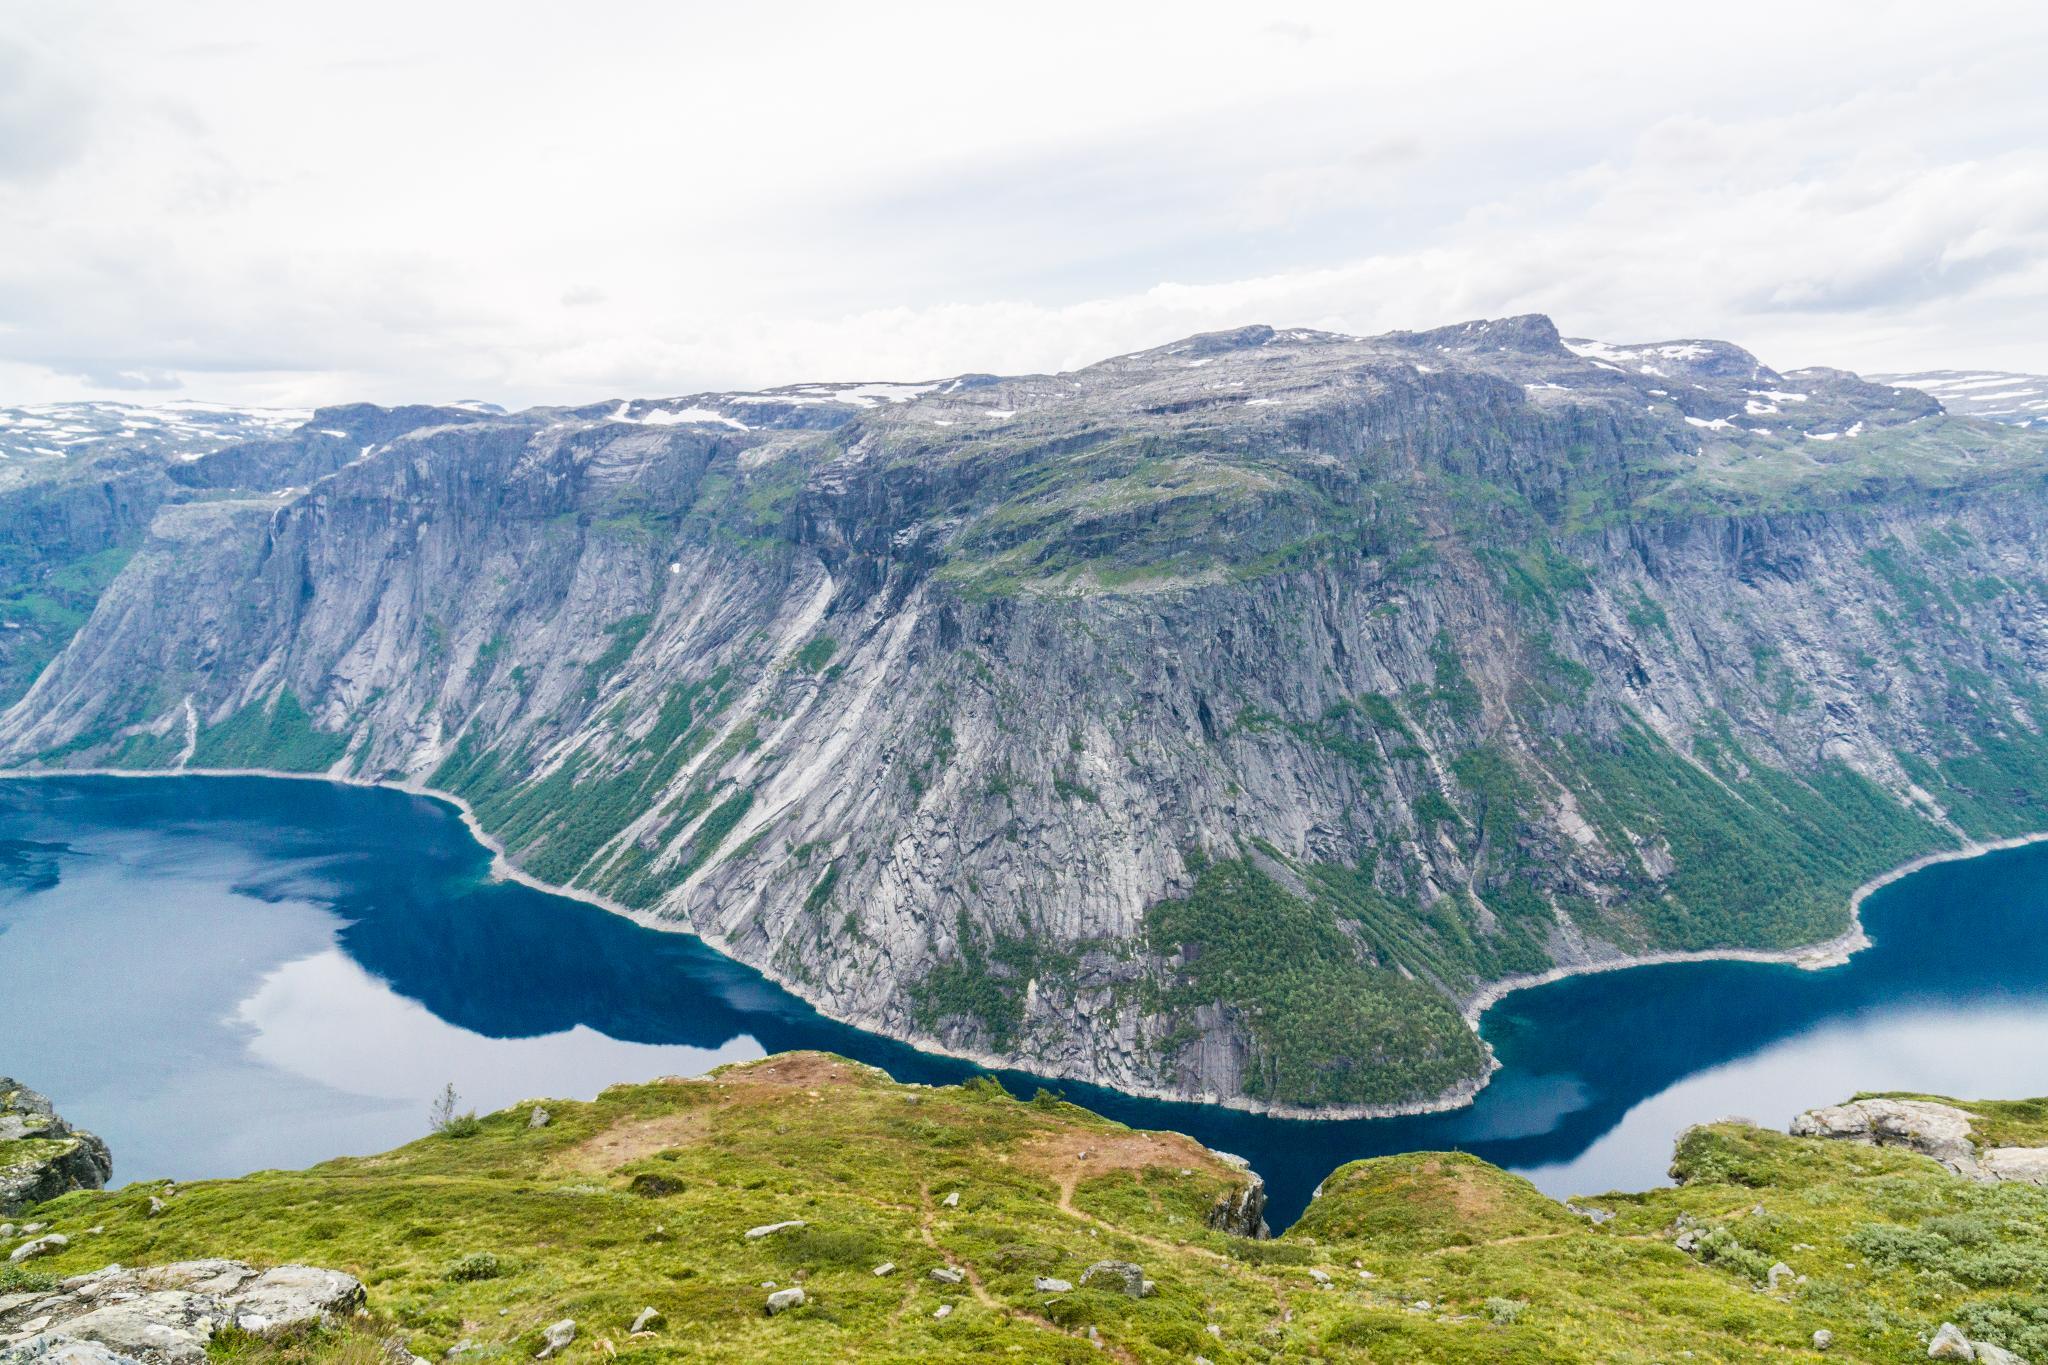 【北歐景點】挪威惡魔之舌 Trolltunga — 28公里健行挑戰全攻略 207